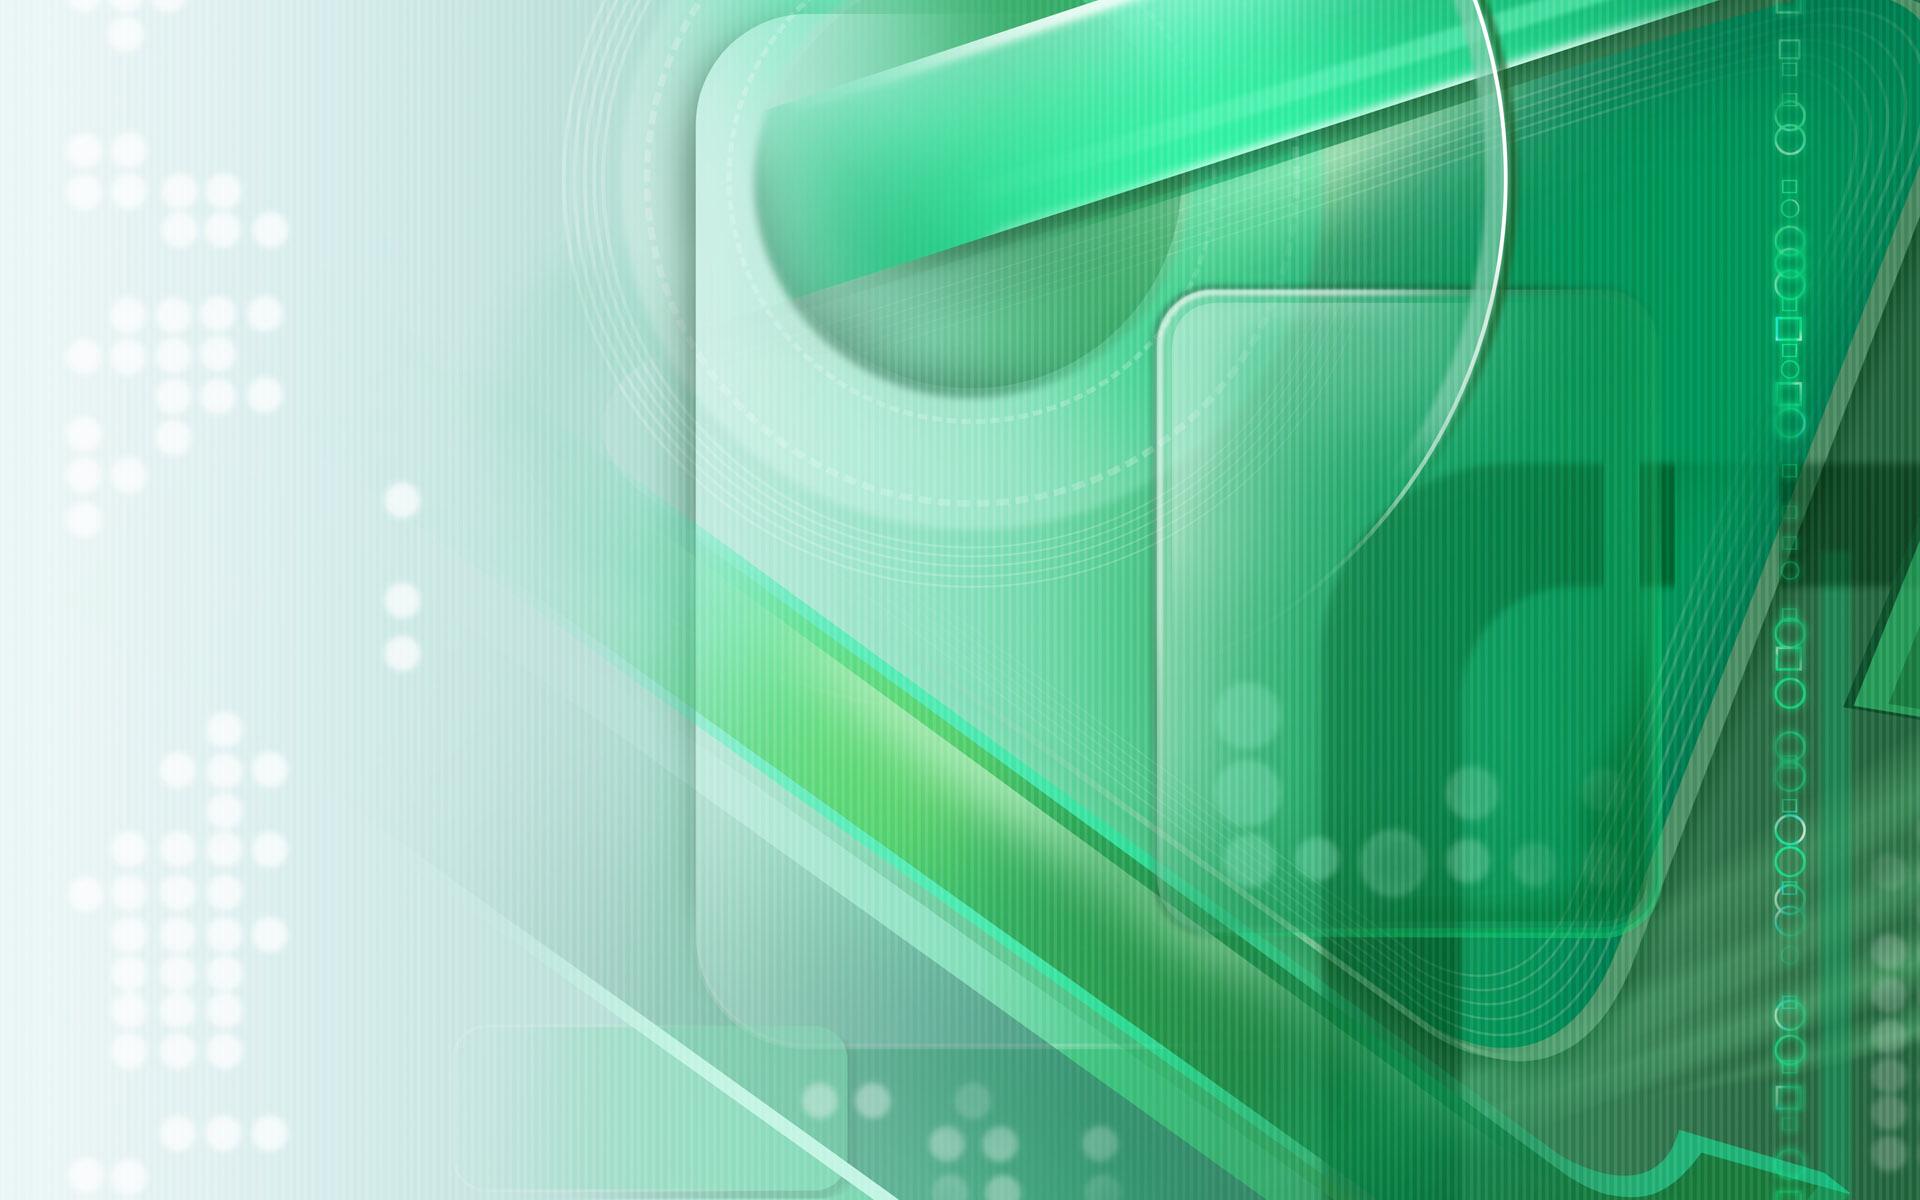 Tops et flops de l'utilisation des énergies vertes chez les géants du web